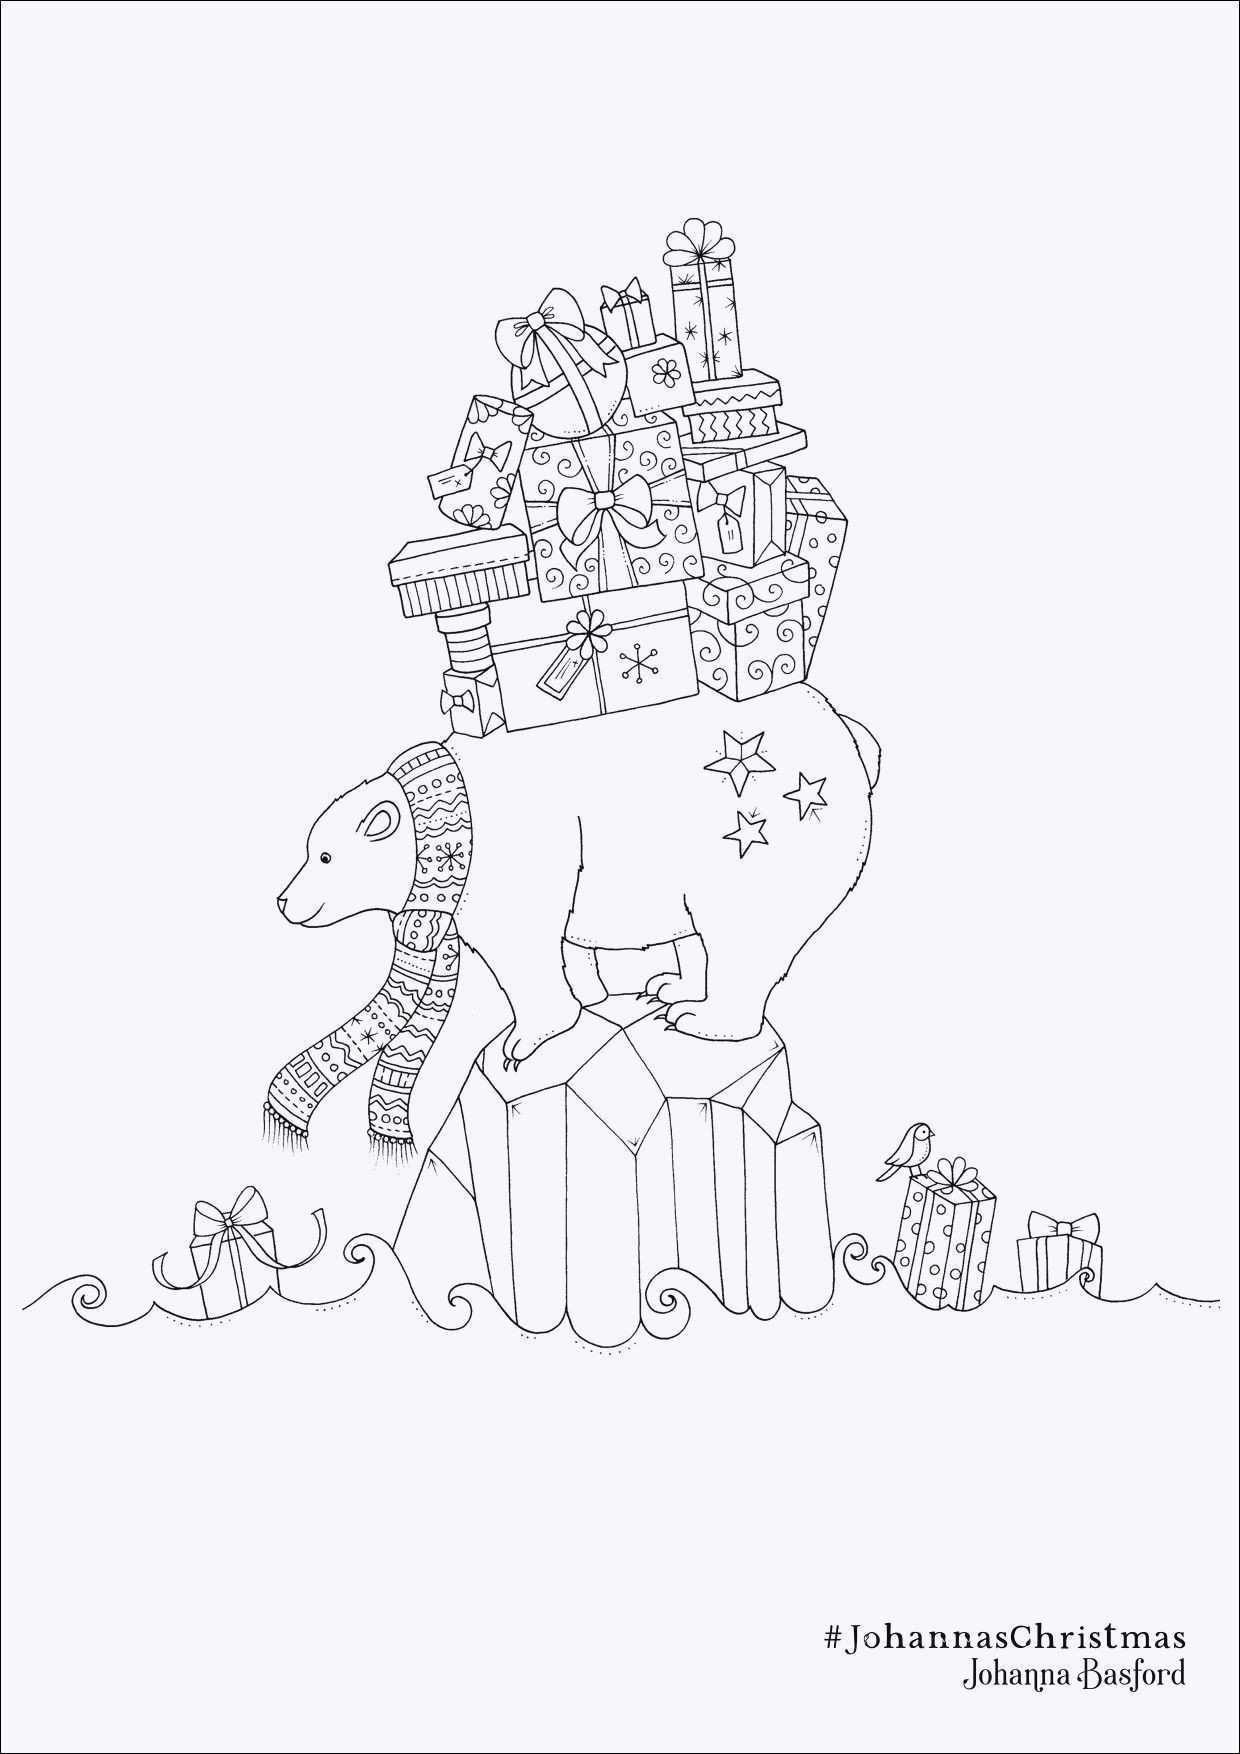 Baum Zeichnung Bleistift Inspirierend Bleistift Ausmalbild Idee Malvorlagen Igel Elegant Igel Grundschule Sammlung